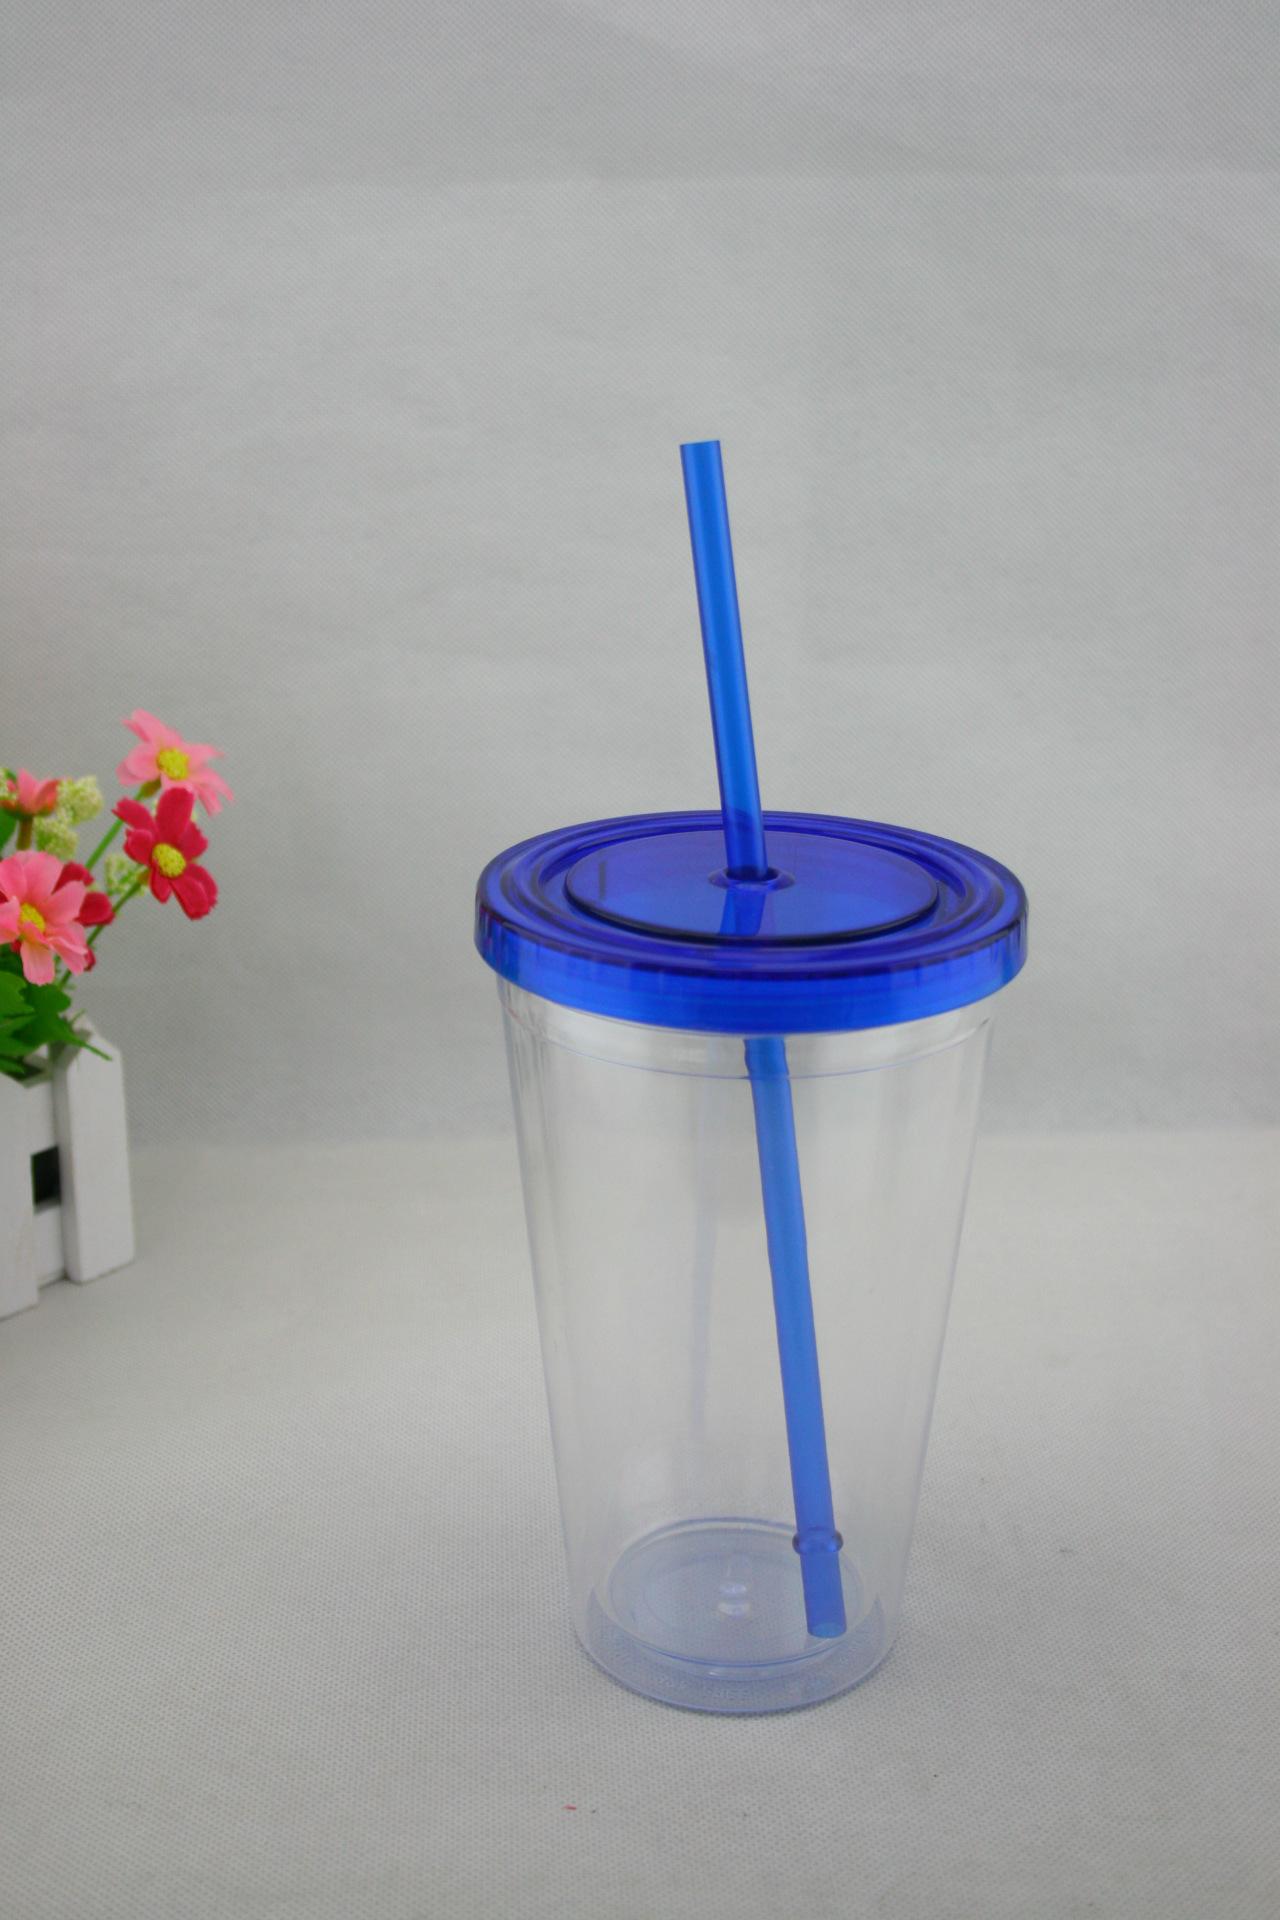 彩色盖吸管杯,AS杯、双层塑料杯,广告杯,欢迎选购